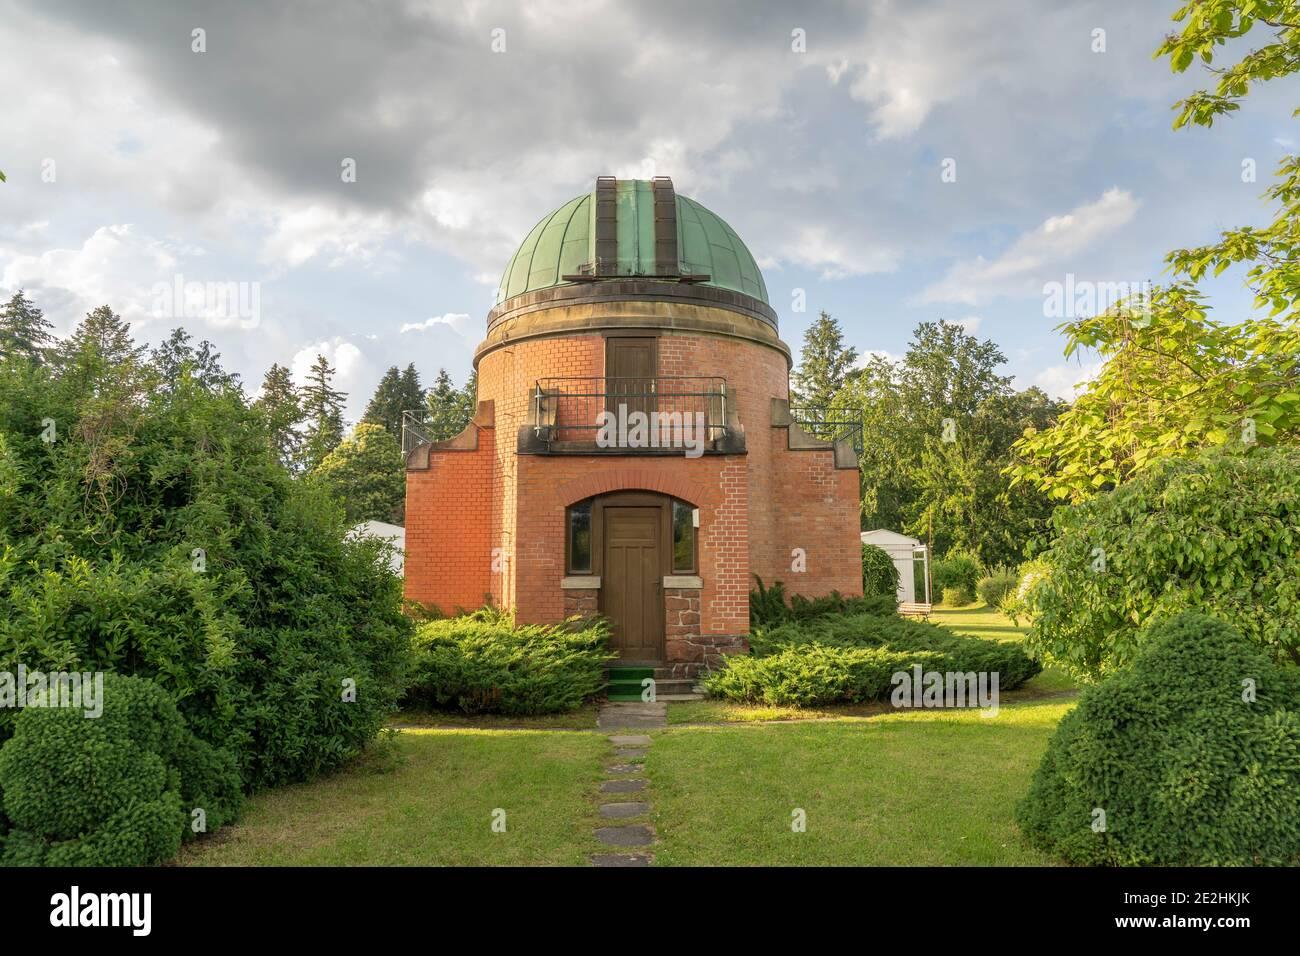 Ancien bâtiment historique de l'observatoire de l'institut d'astronomie d'Ondrejov. Observatoire télescope spatial profond. Ondrejov, république tchèque. Banque D'Images